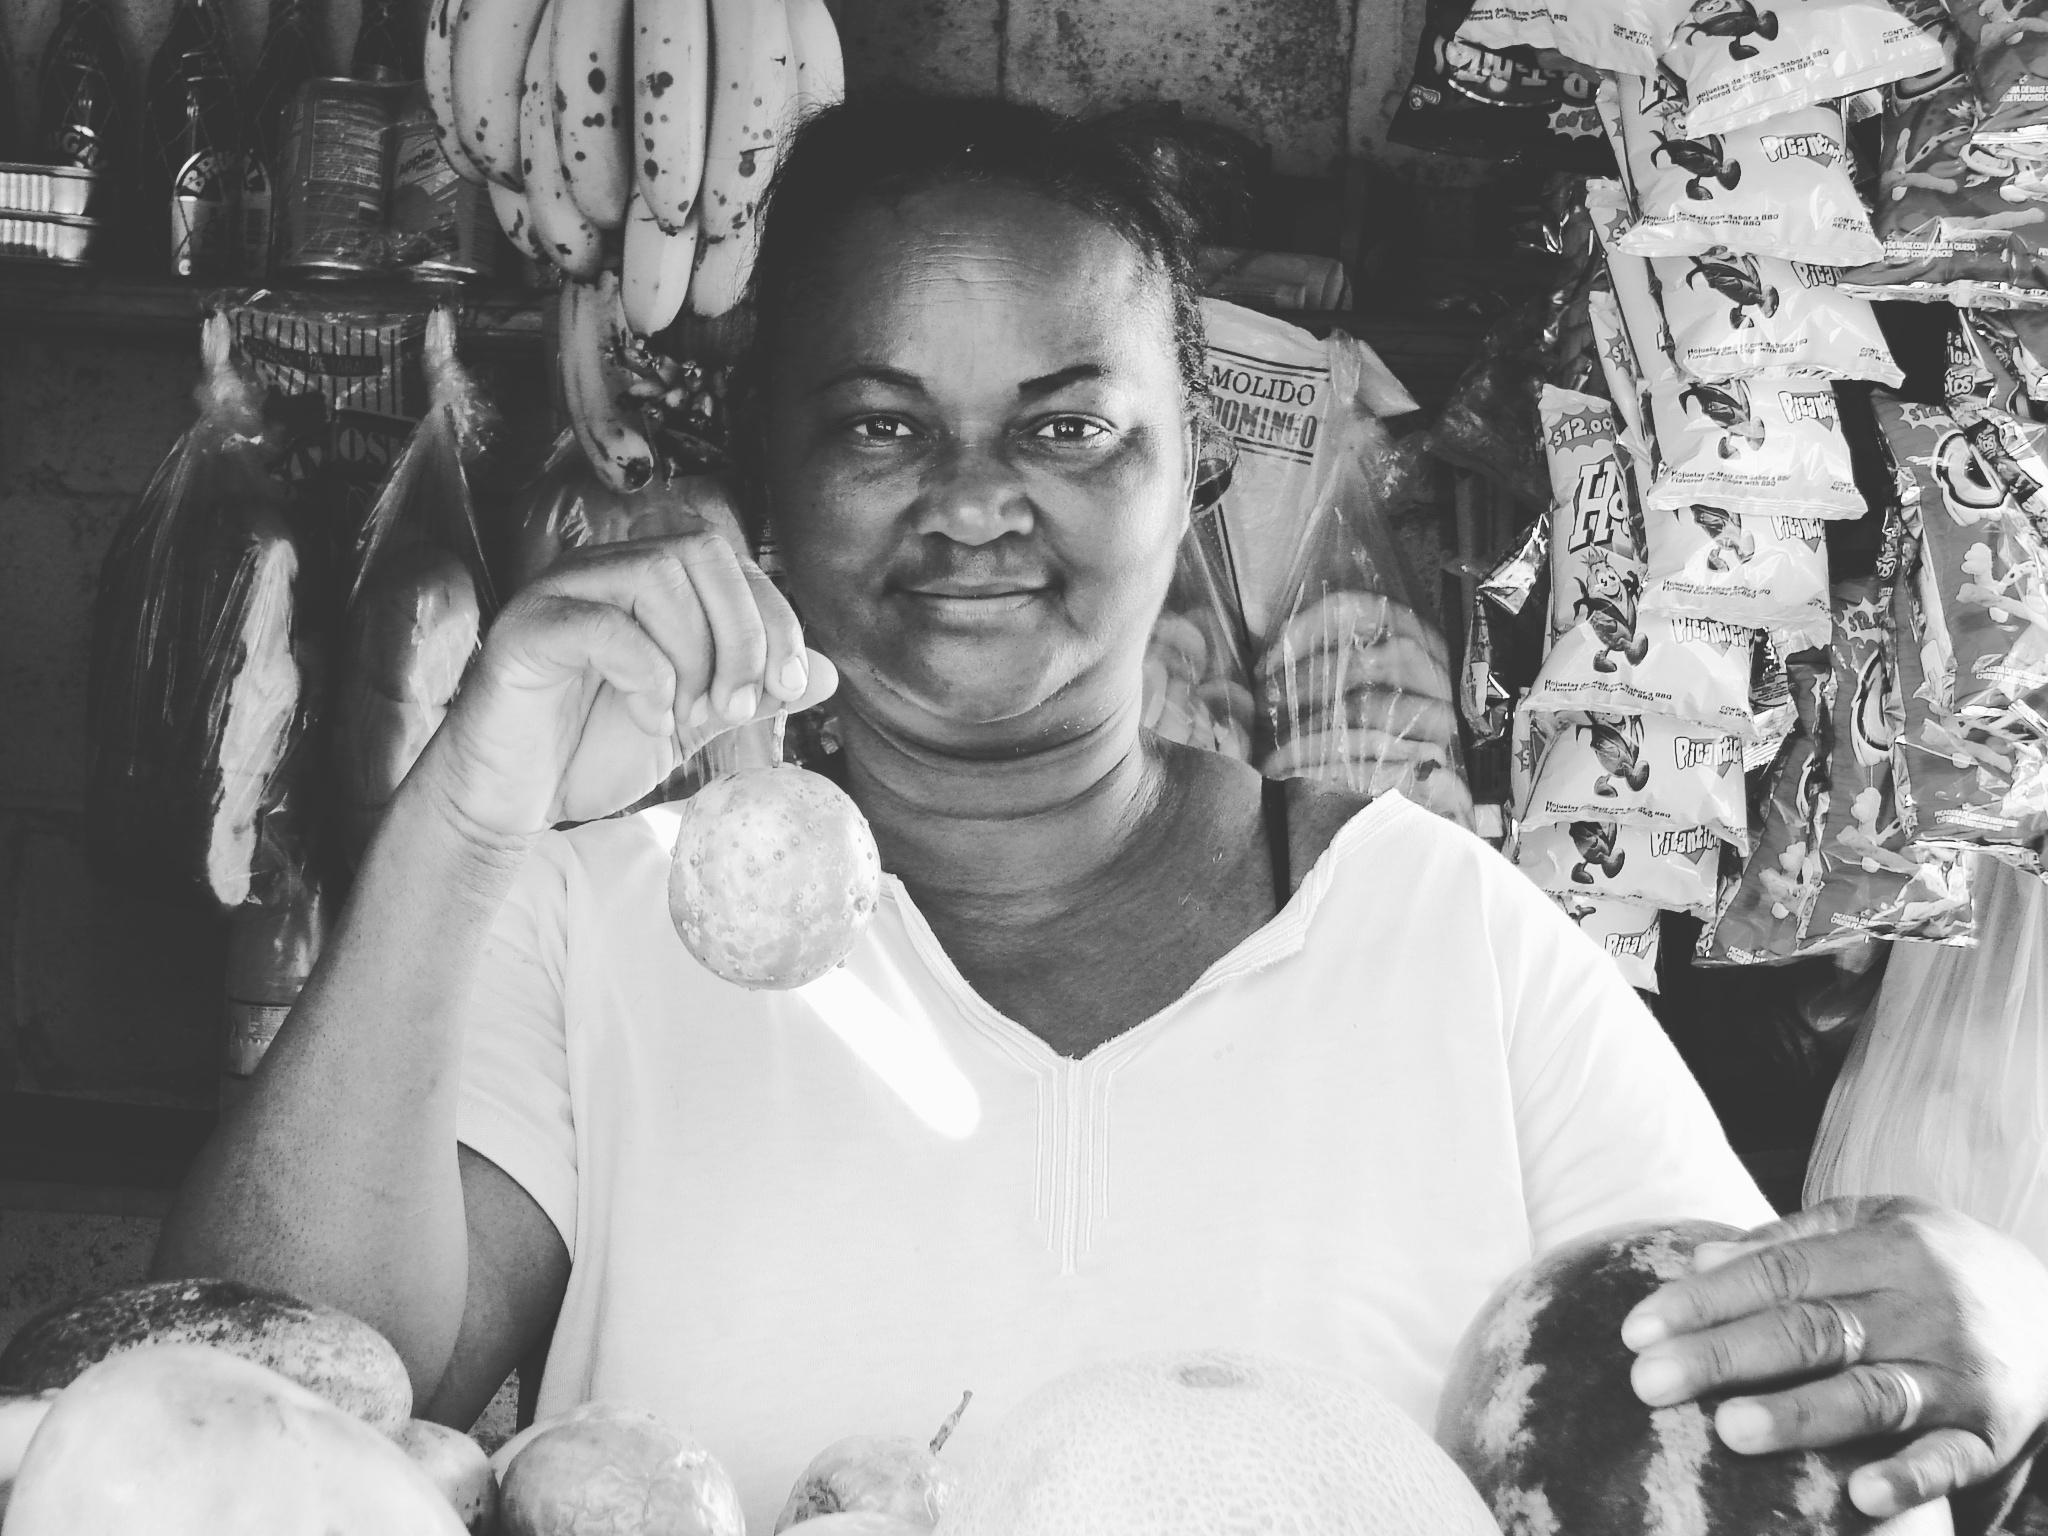 Dominikańczycy: Dominikanka sprzedaje marakuje